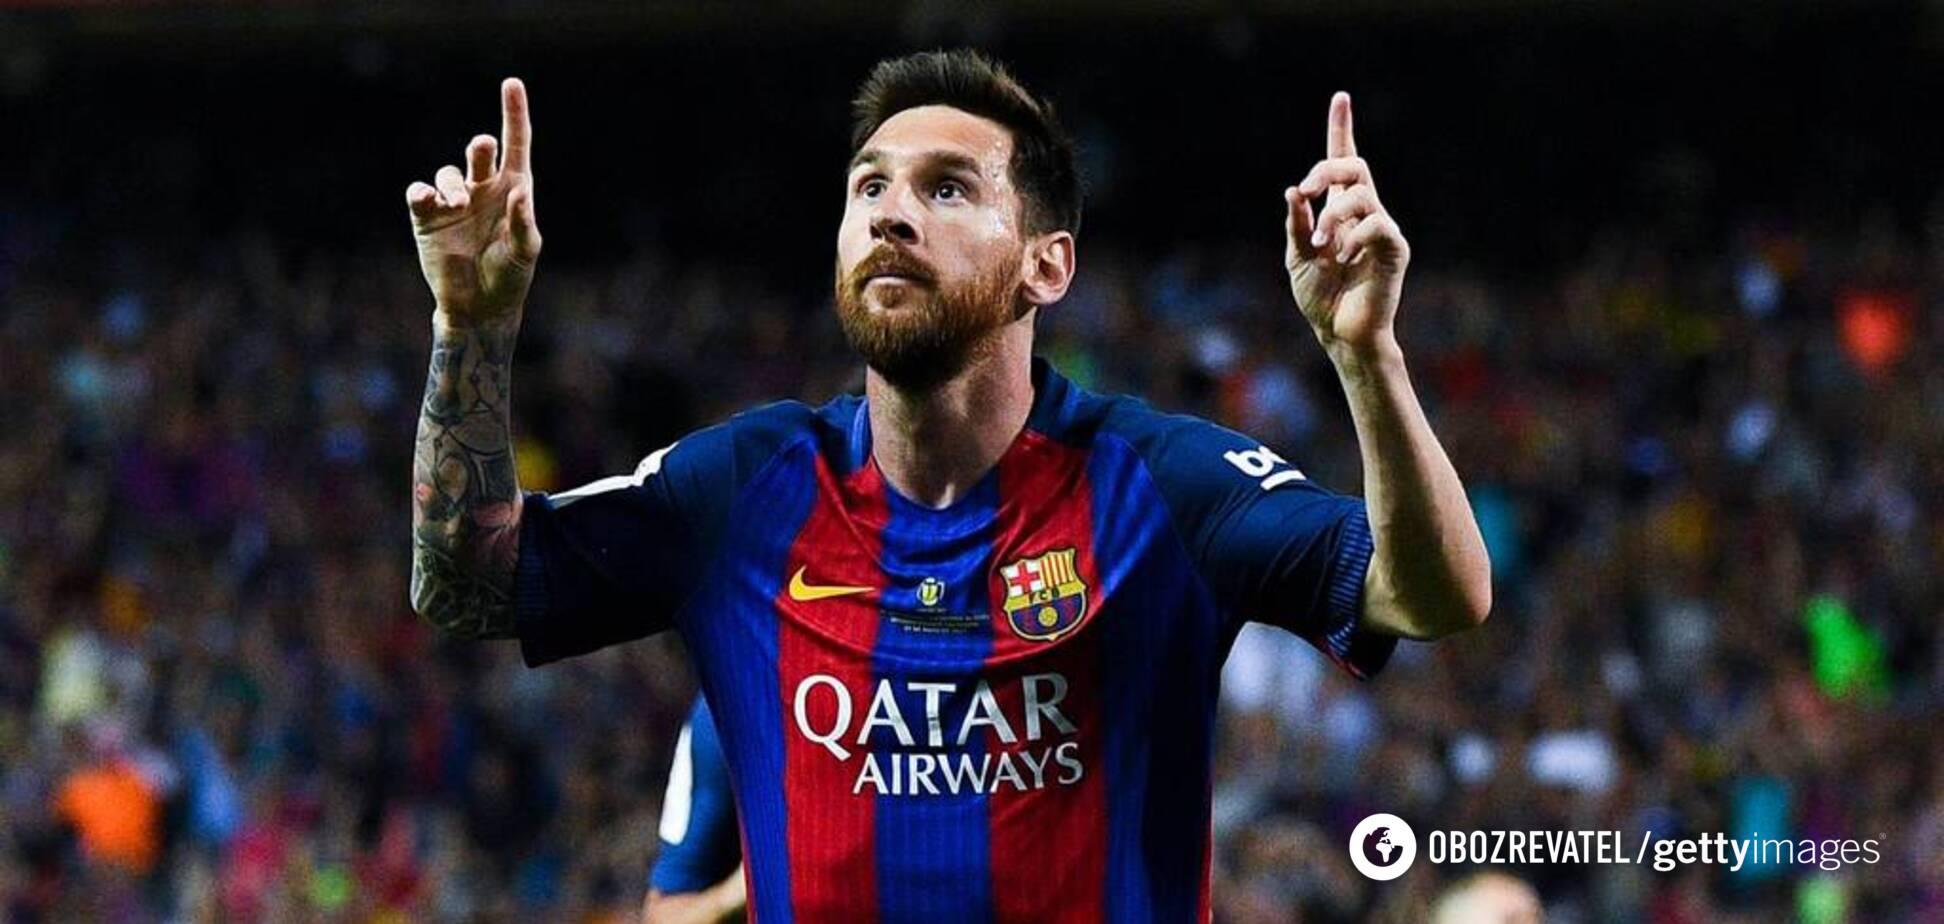 Месси подписал с 'Барселоной' уникальный контракт